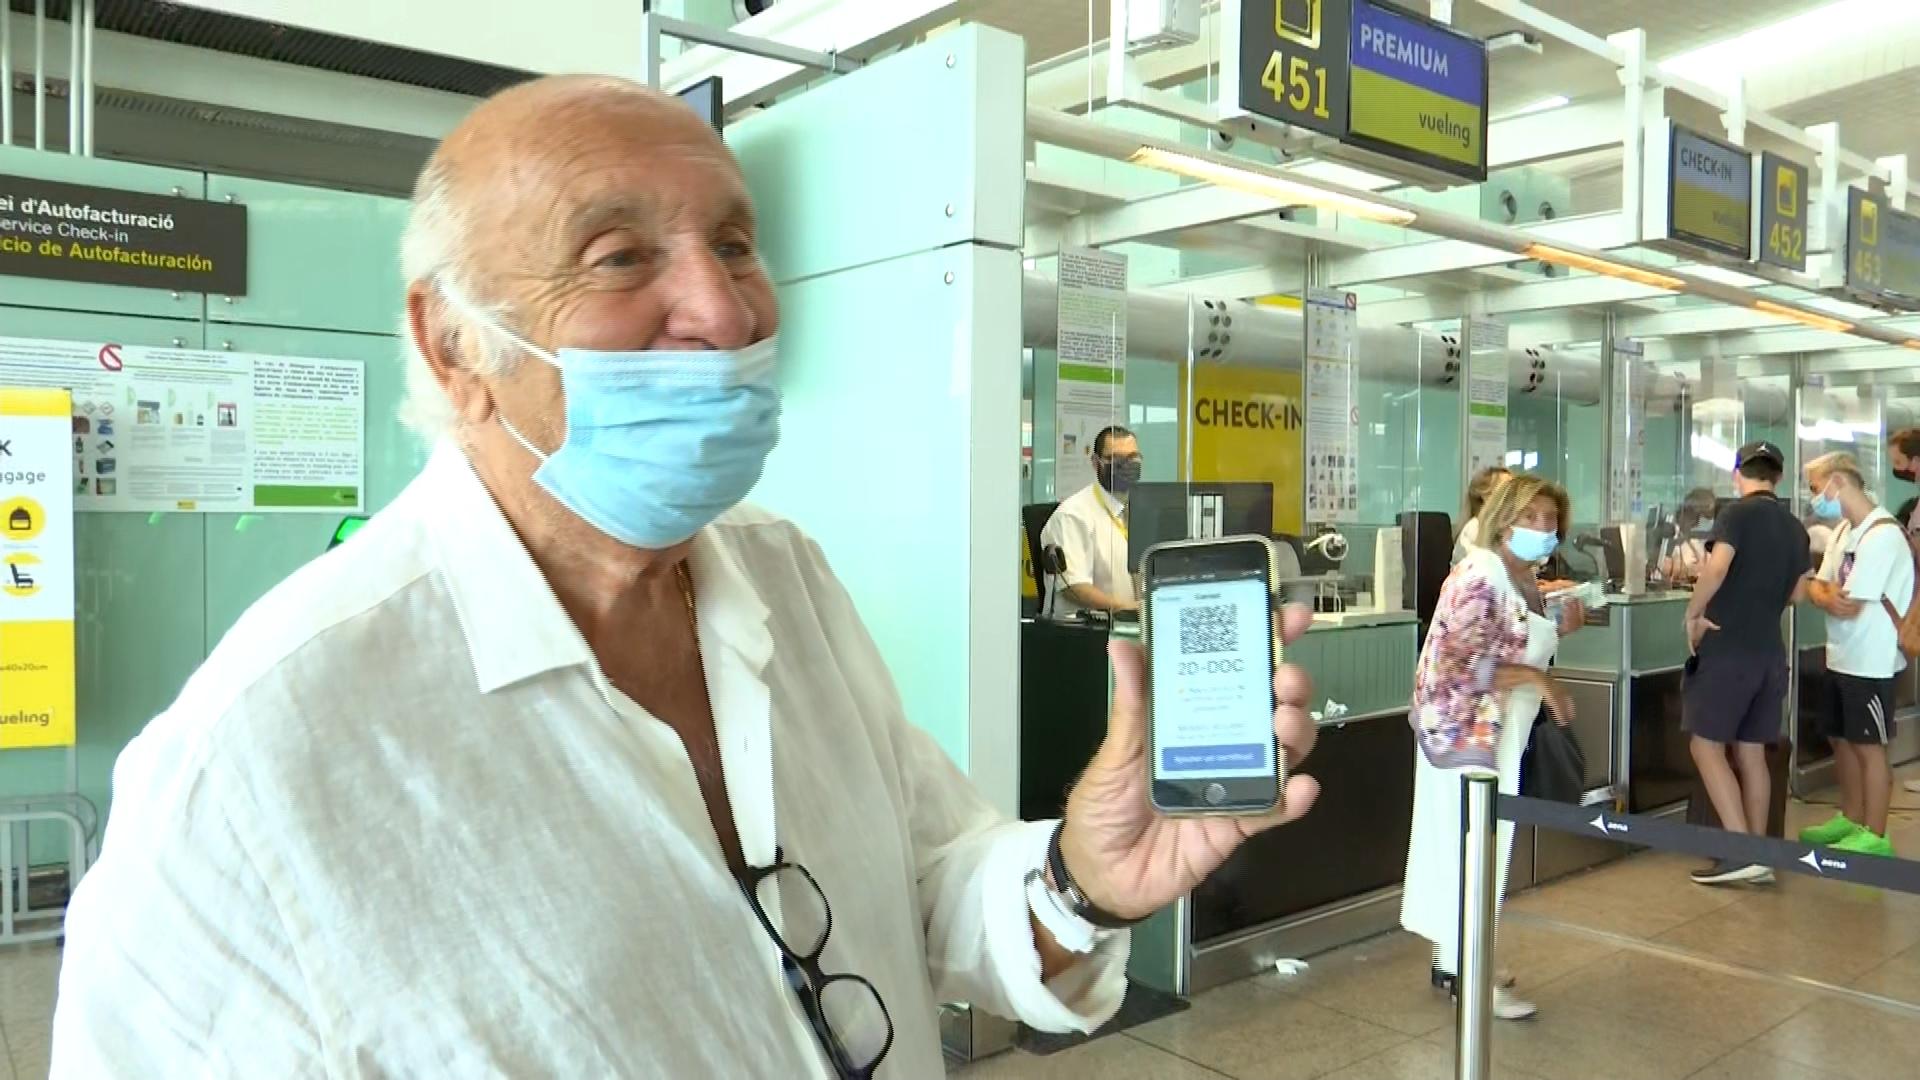 passatger ensenya passaport covid a l'aeroport